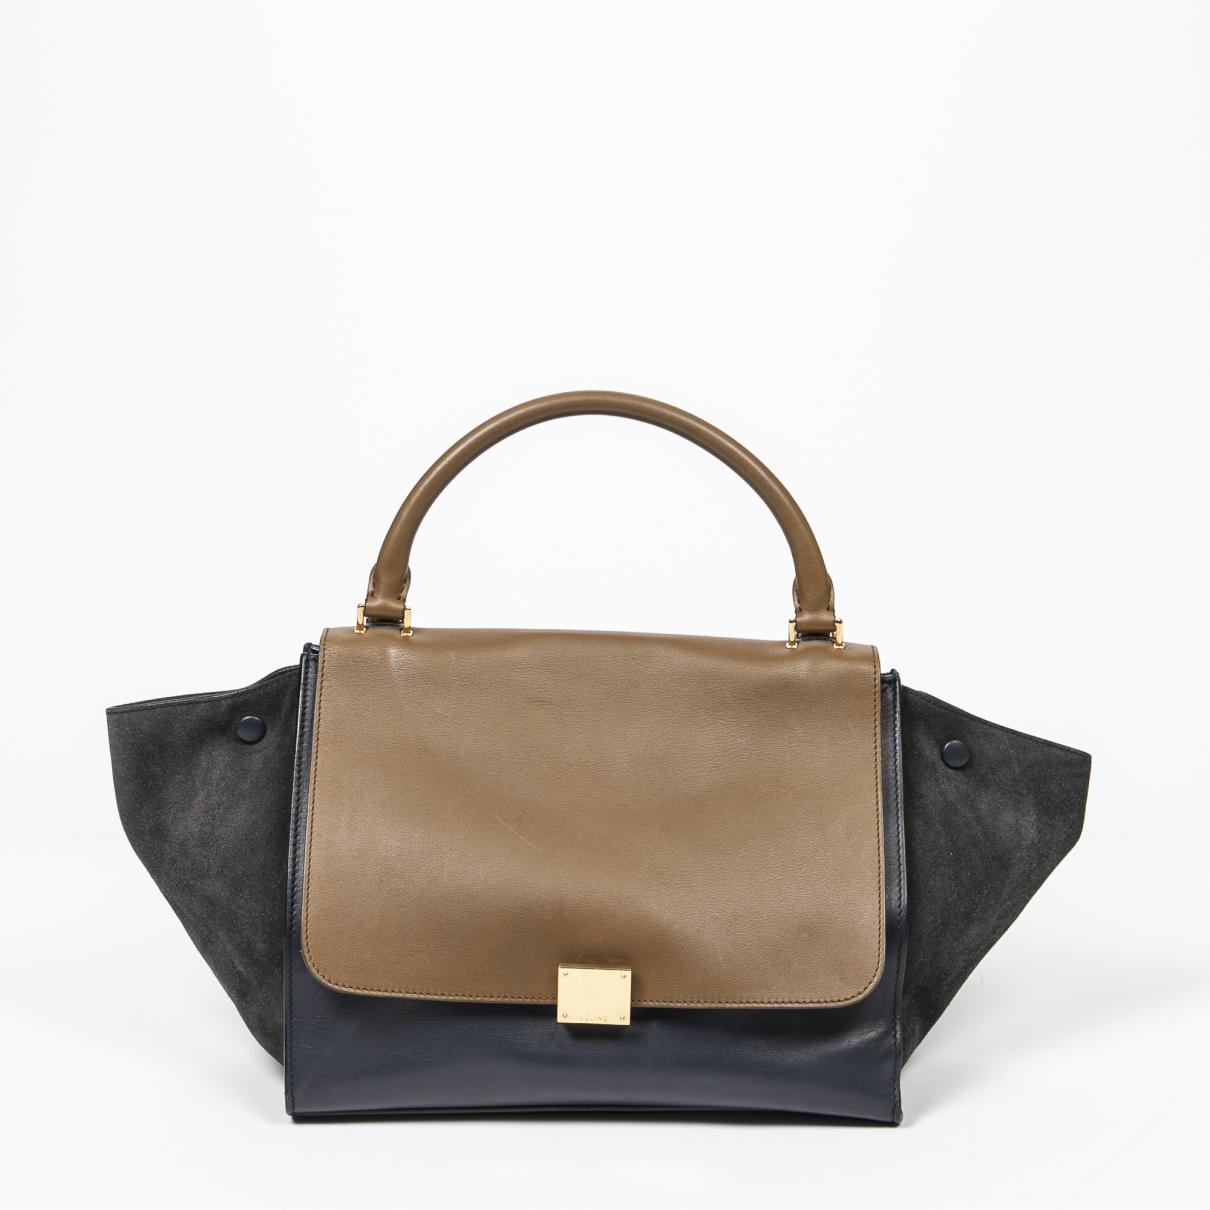 Celine Trapeze Handtasche in Leder